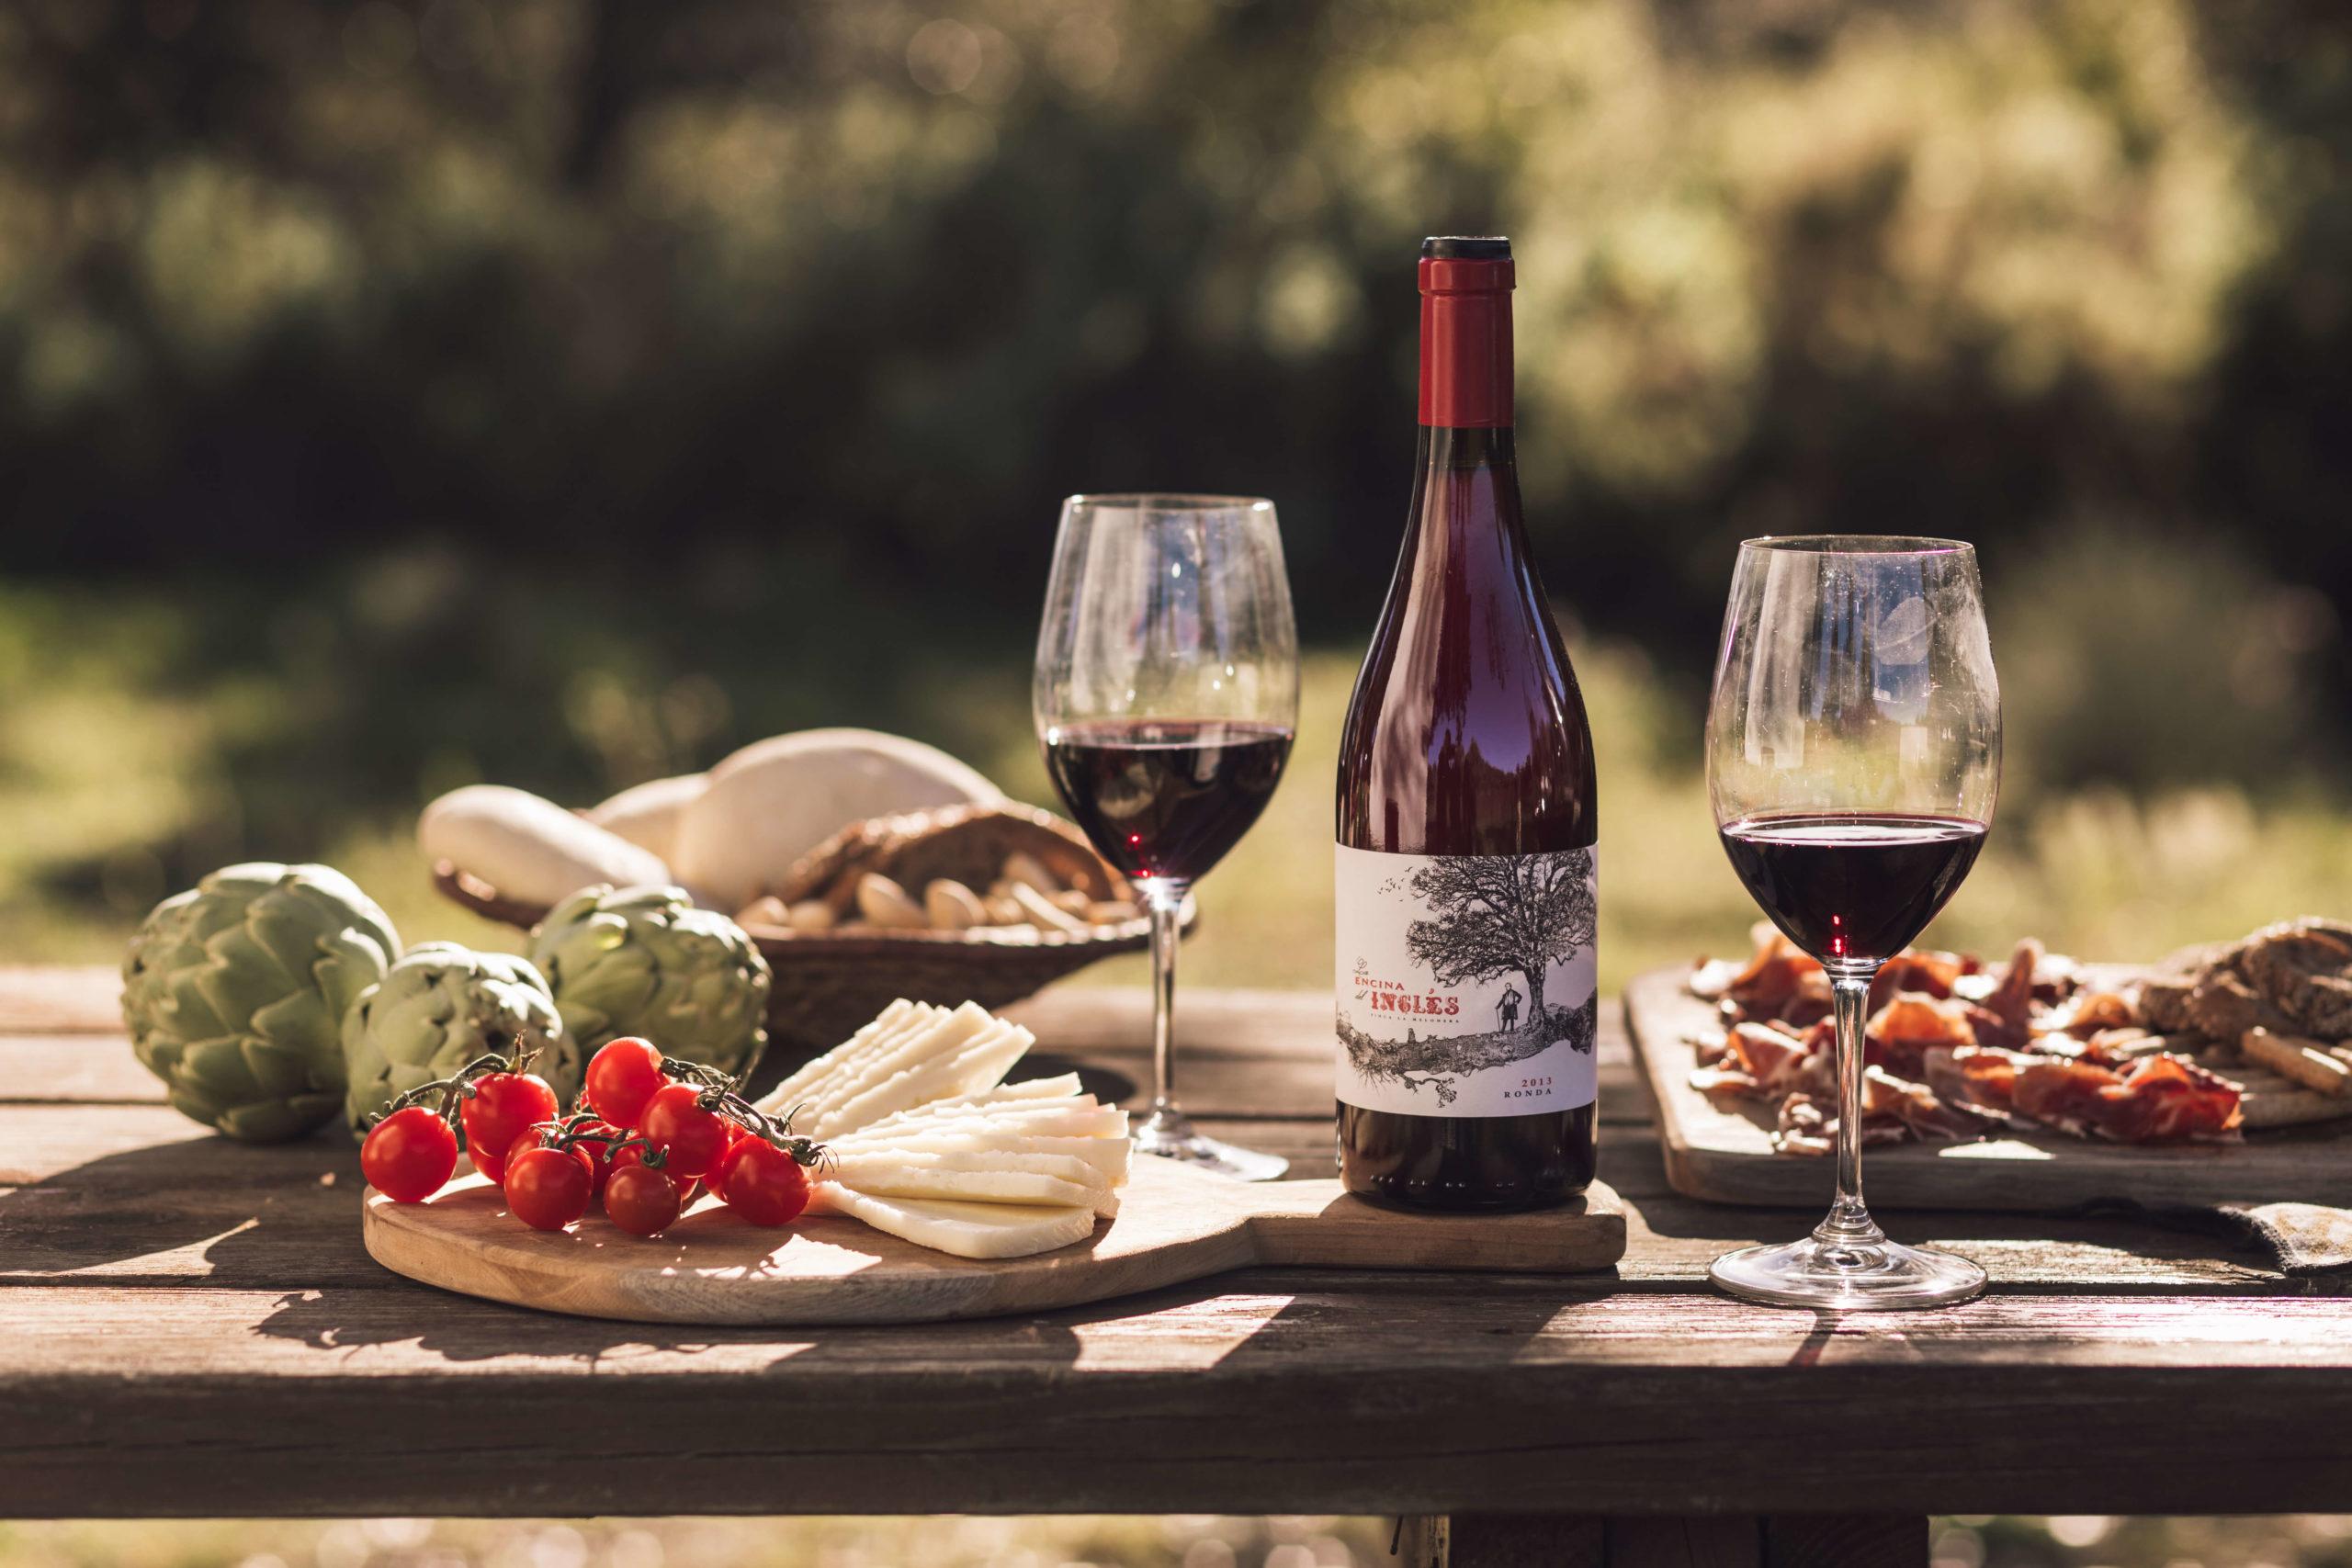 maridaje para un vino tinto